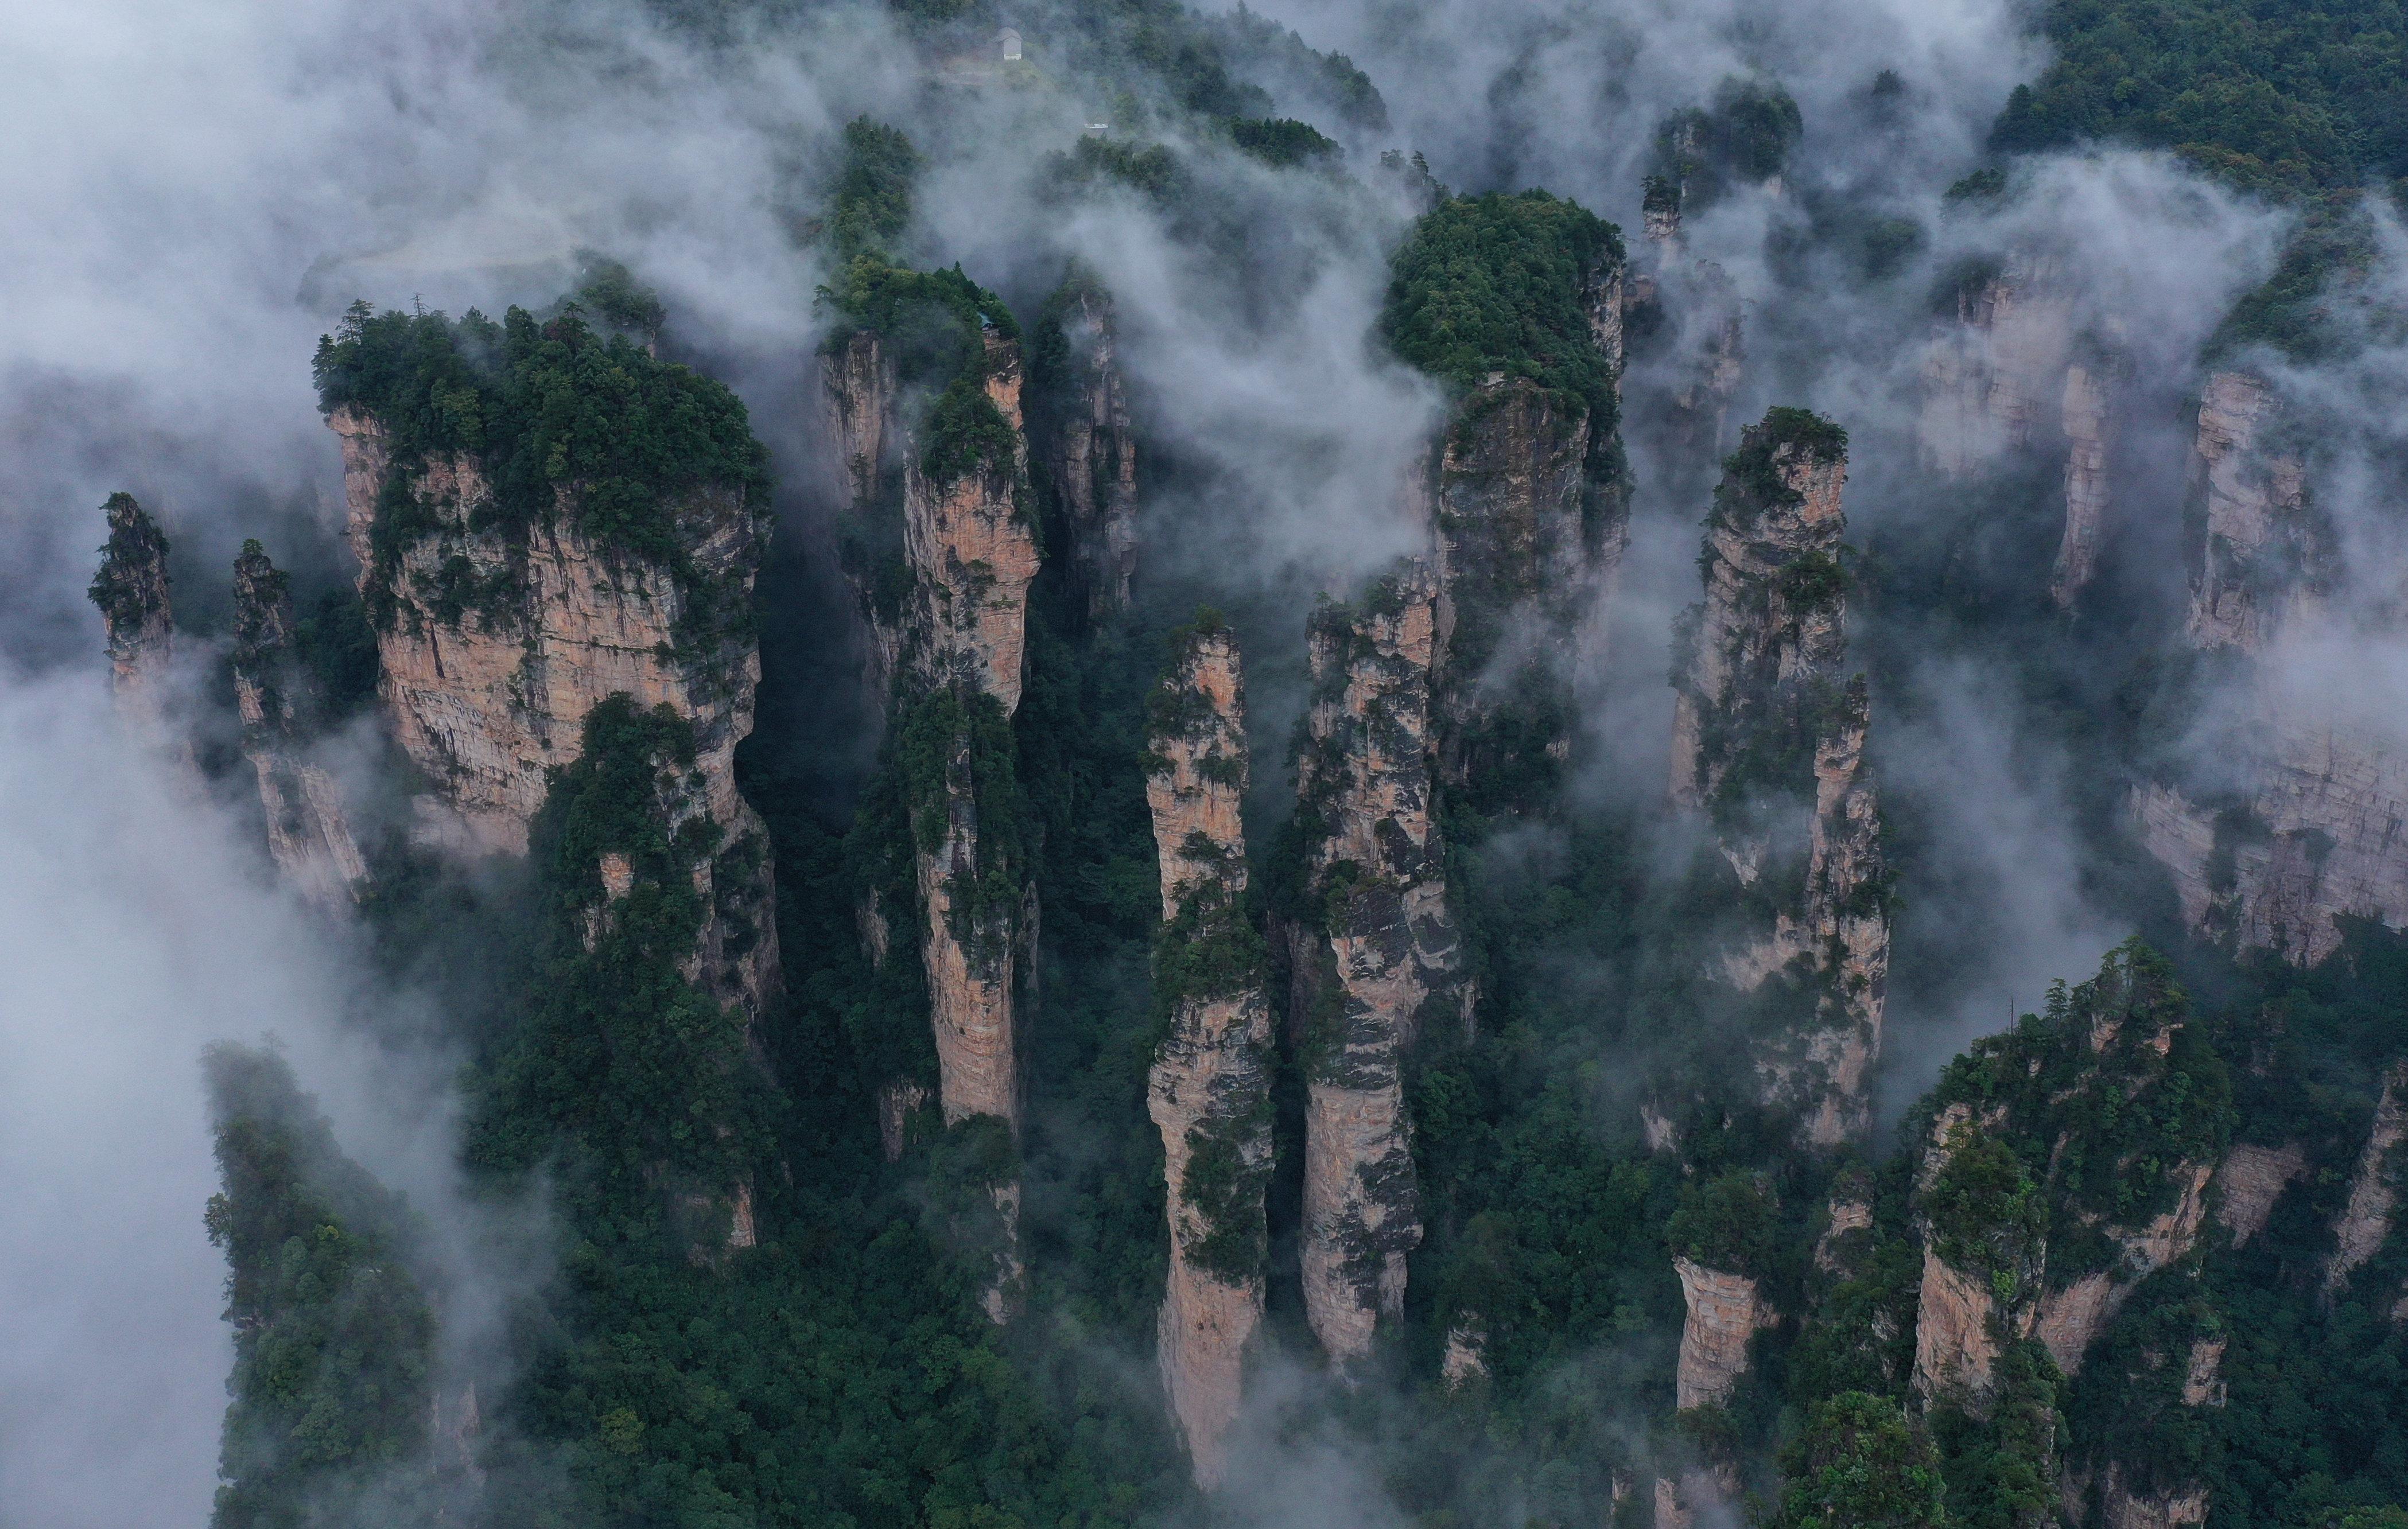 秋日云雾绕峰林